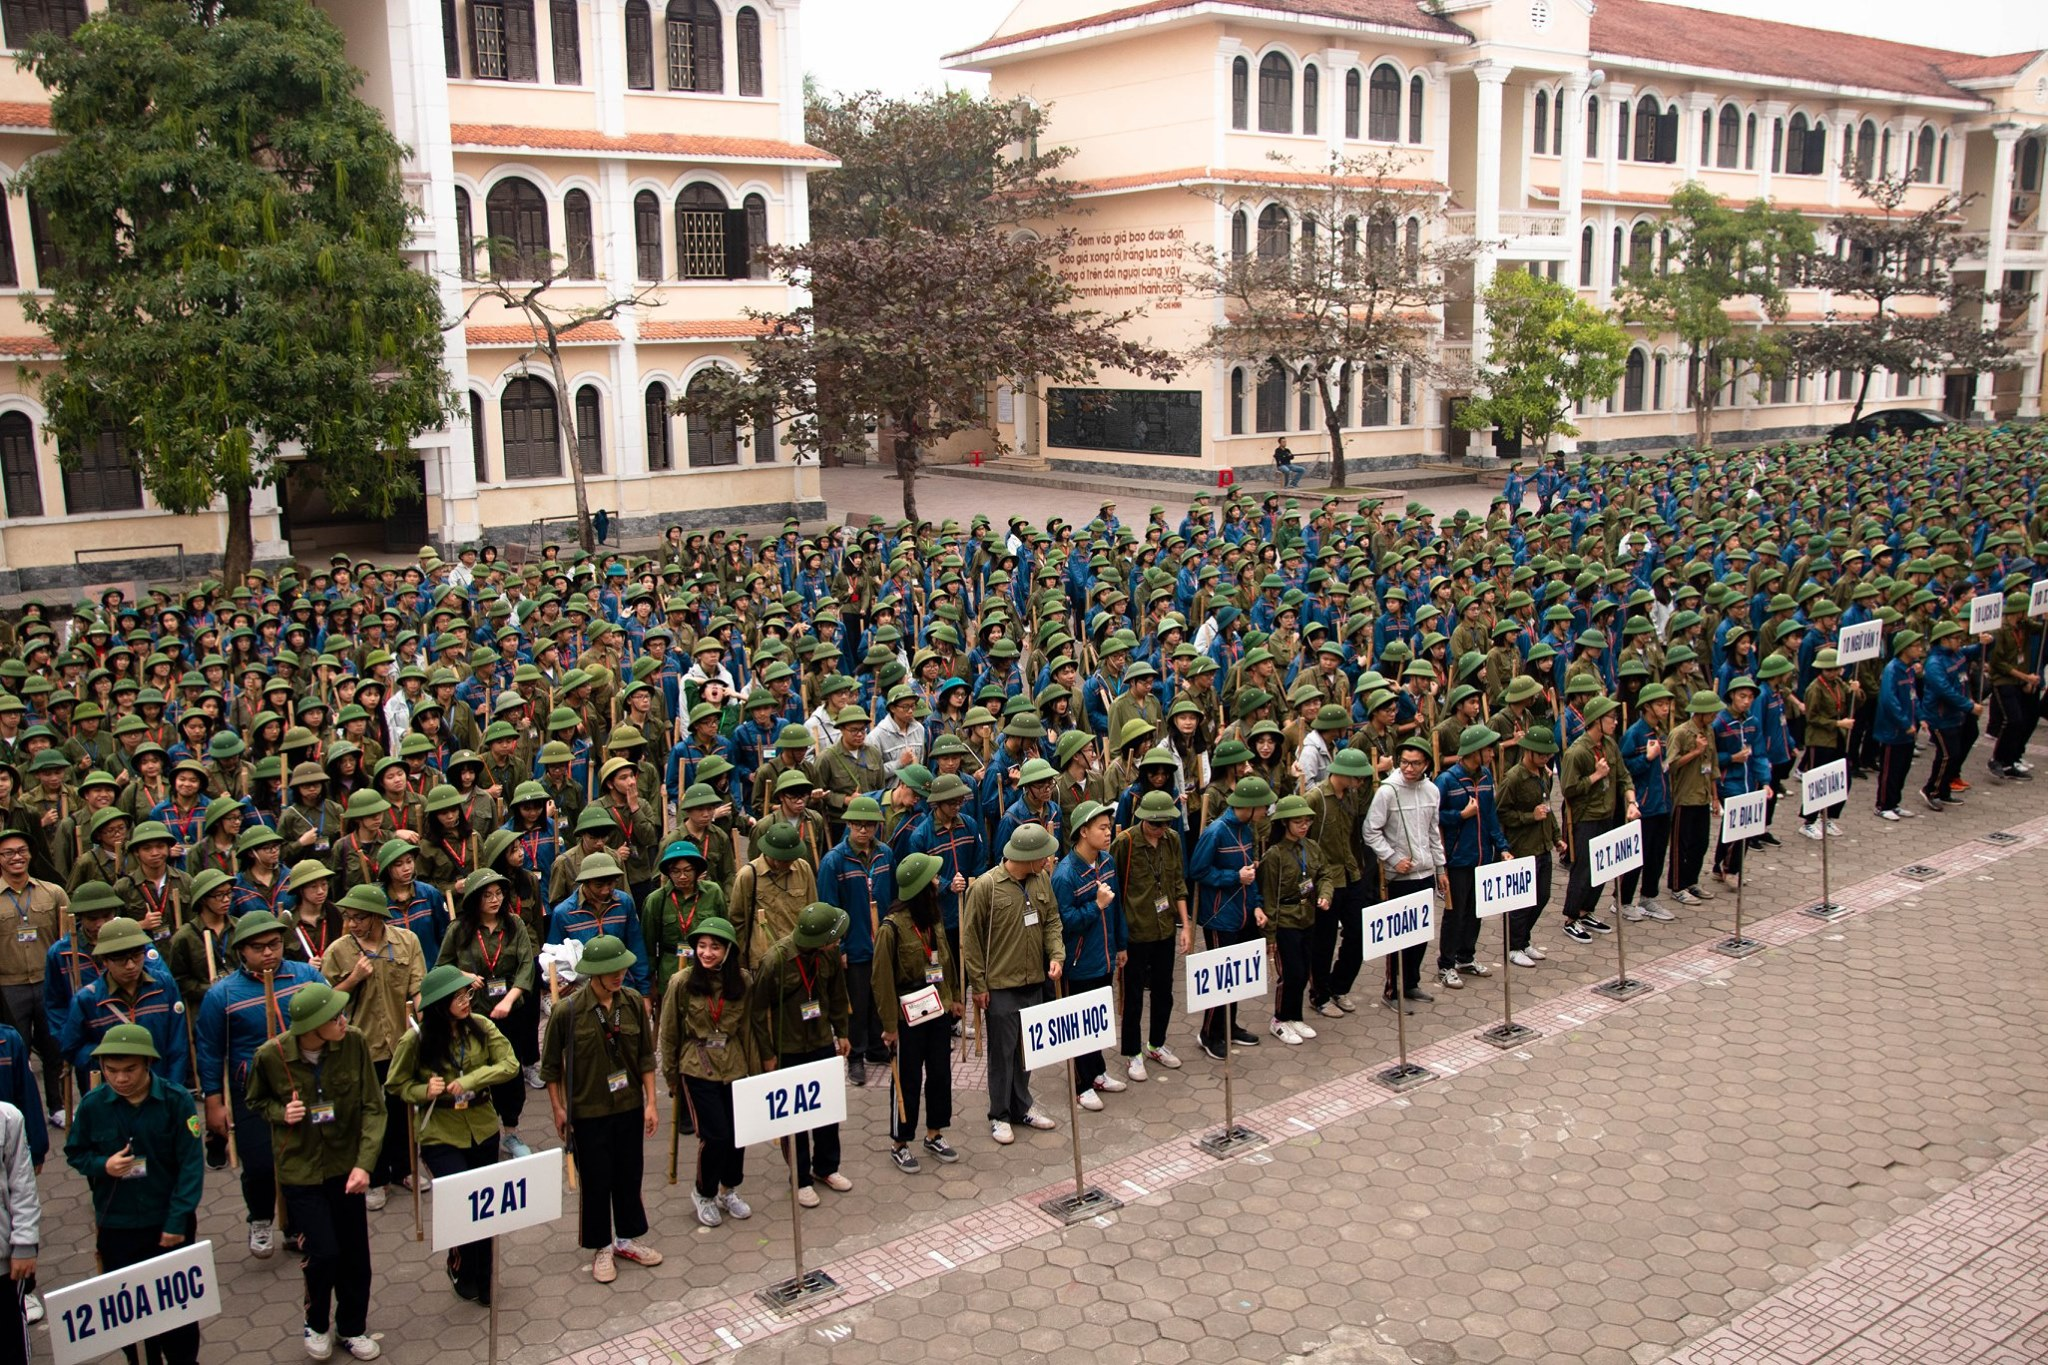 Hoàn thành thắng lợi đợt học quân sự thứ hai, năm học 2019-2020